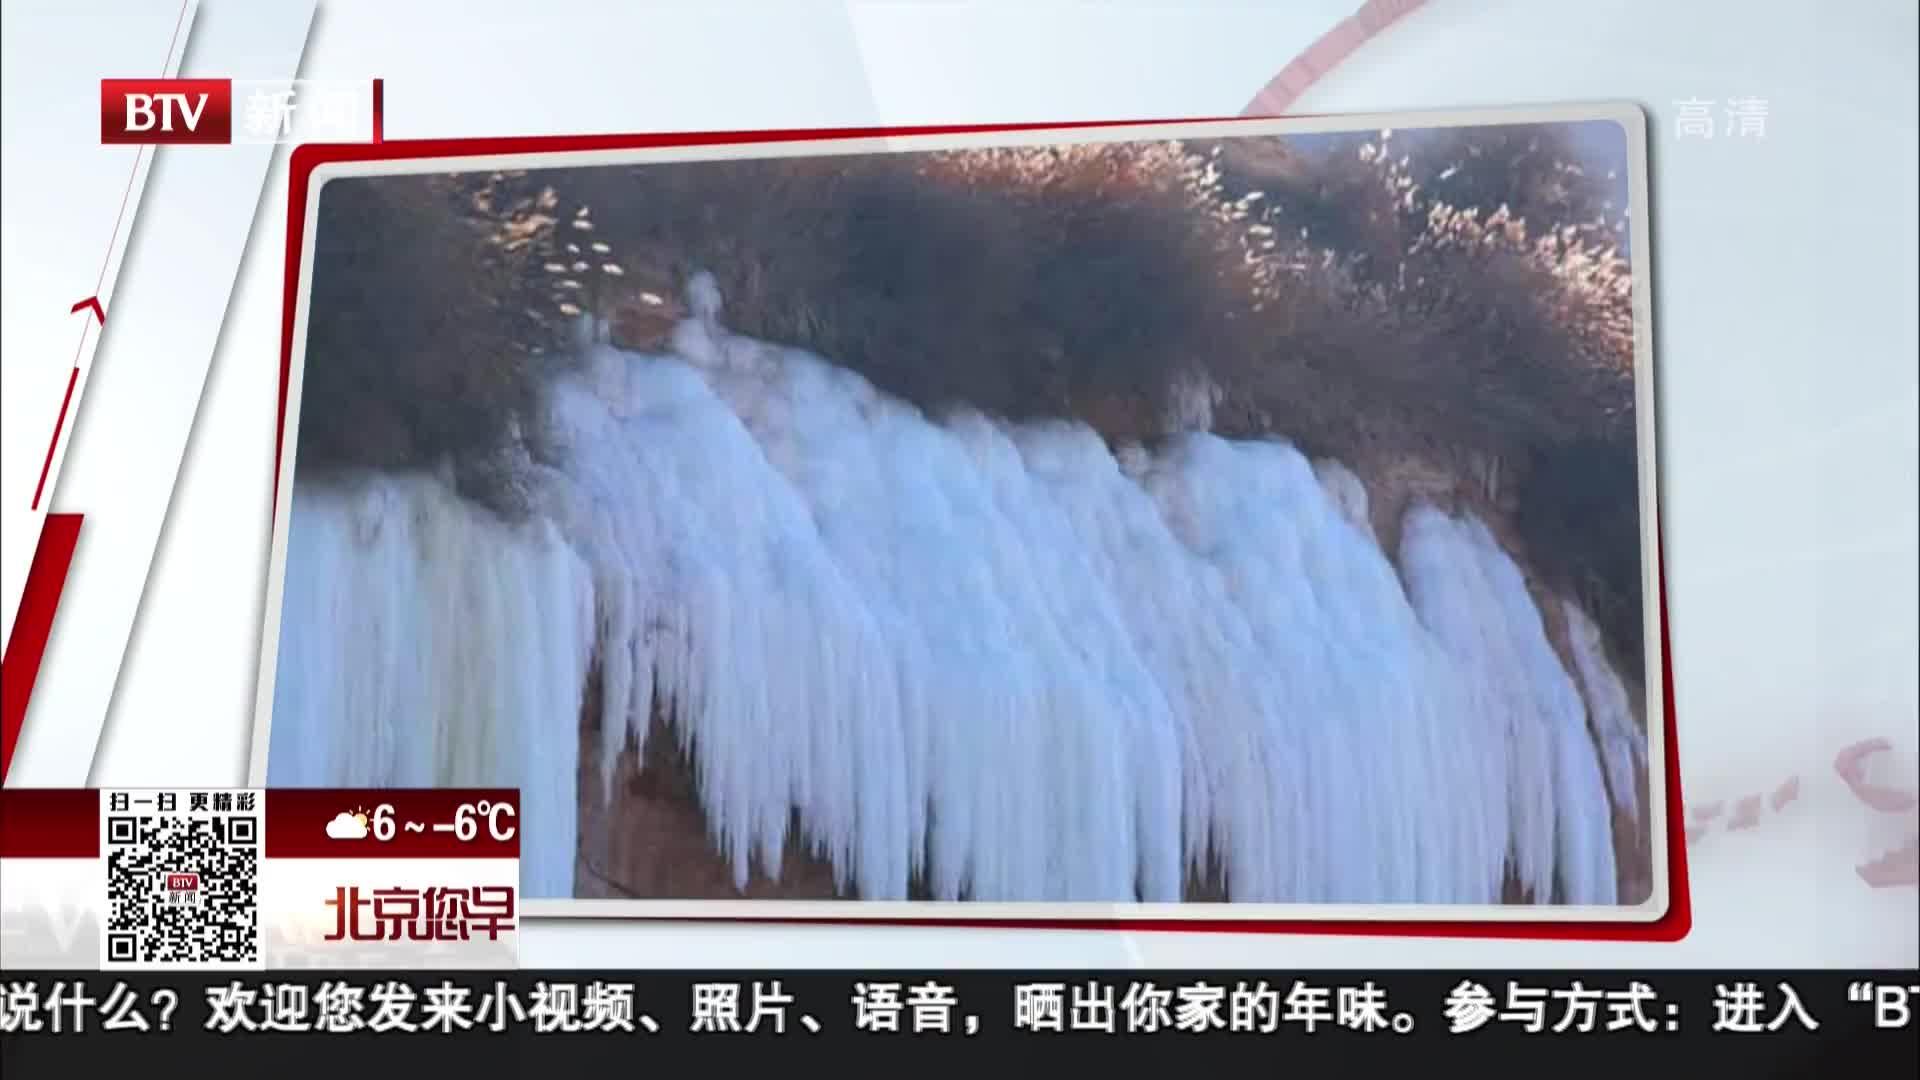 [视频]黄河岸边15米冰瀑悬挂山崖